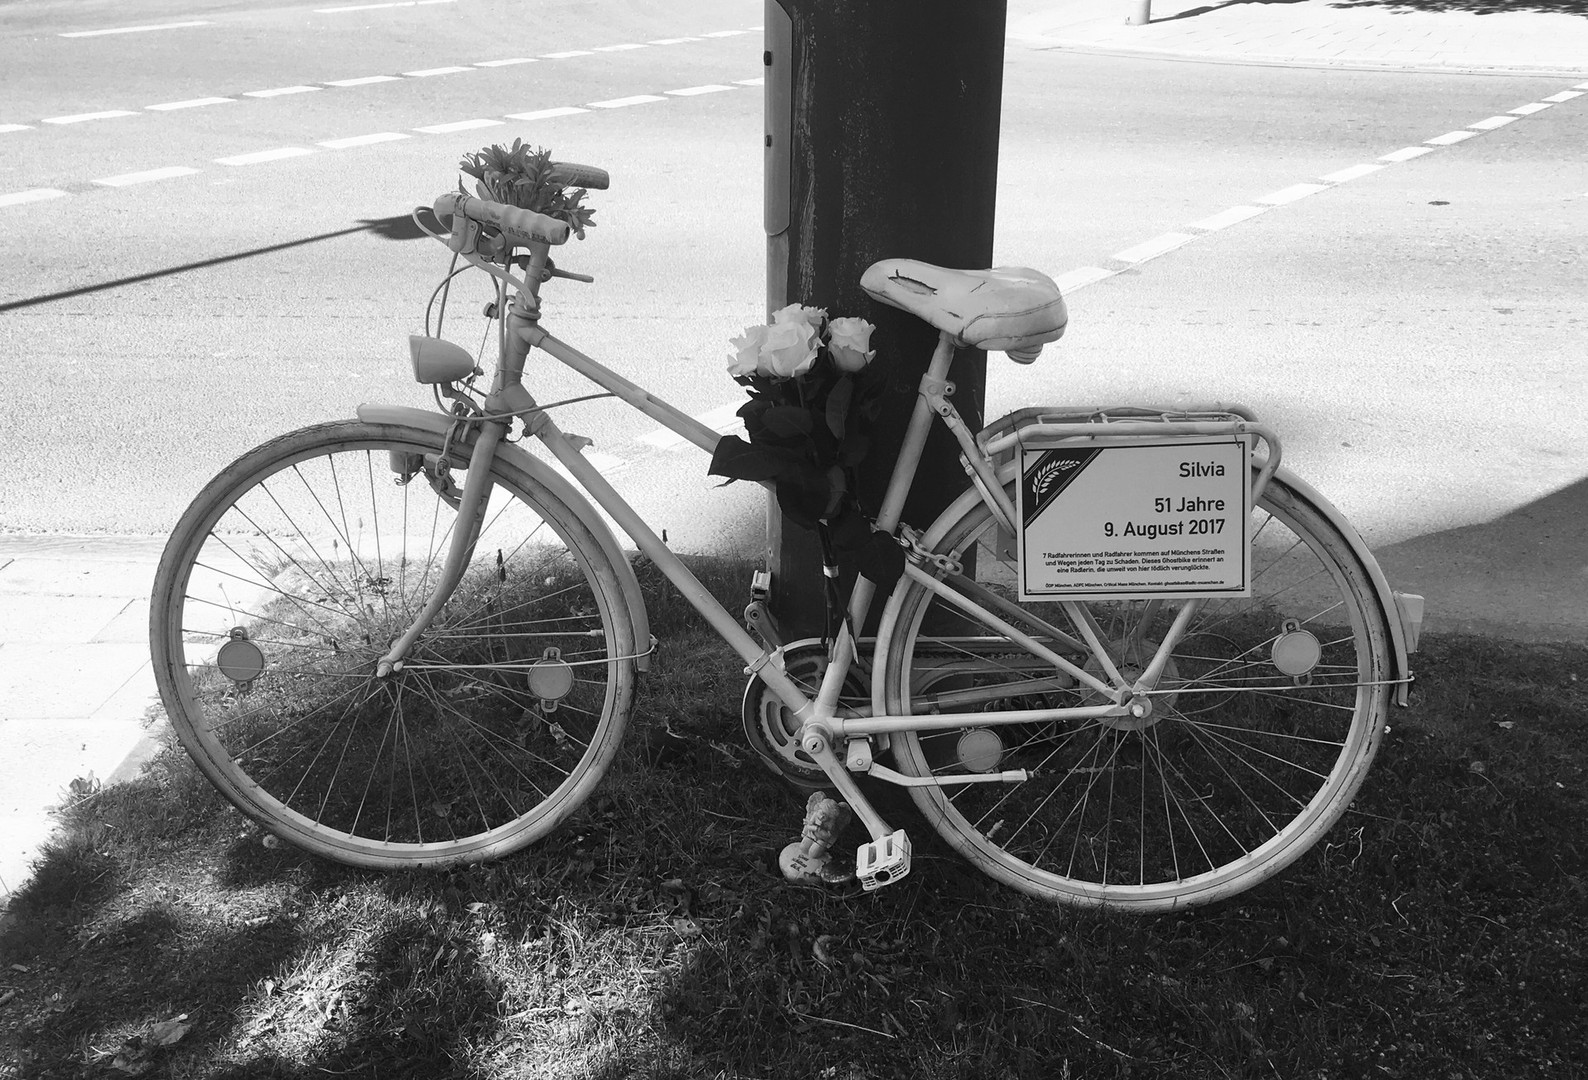 Adfc Munchen Ride Of Silence Am 15 Mai Demo Fur Mehr Verkehrssicherheit Auf Dem Rad